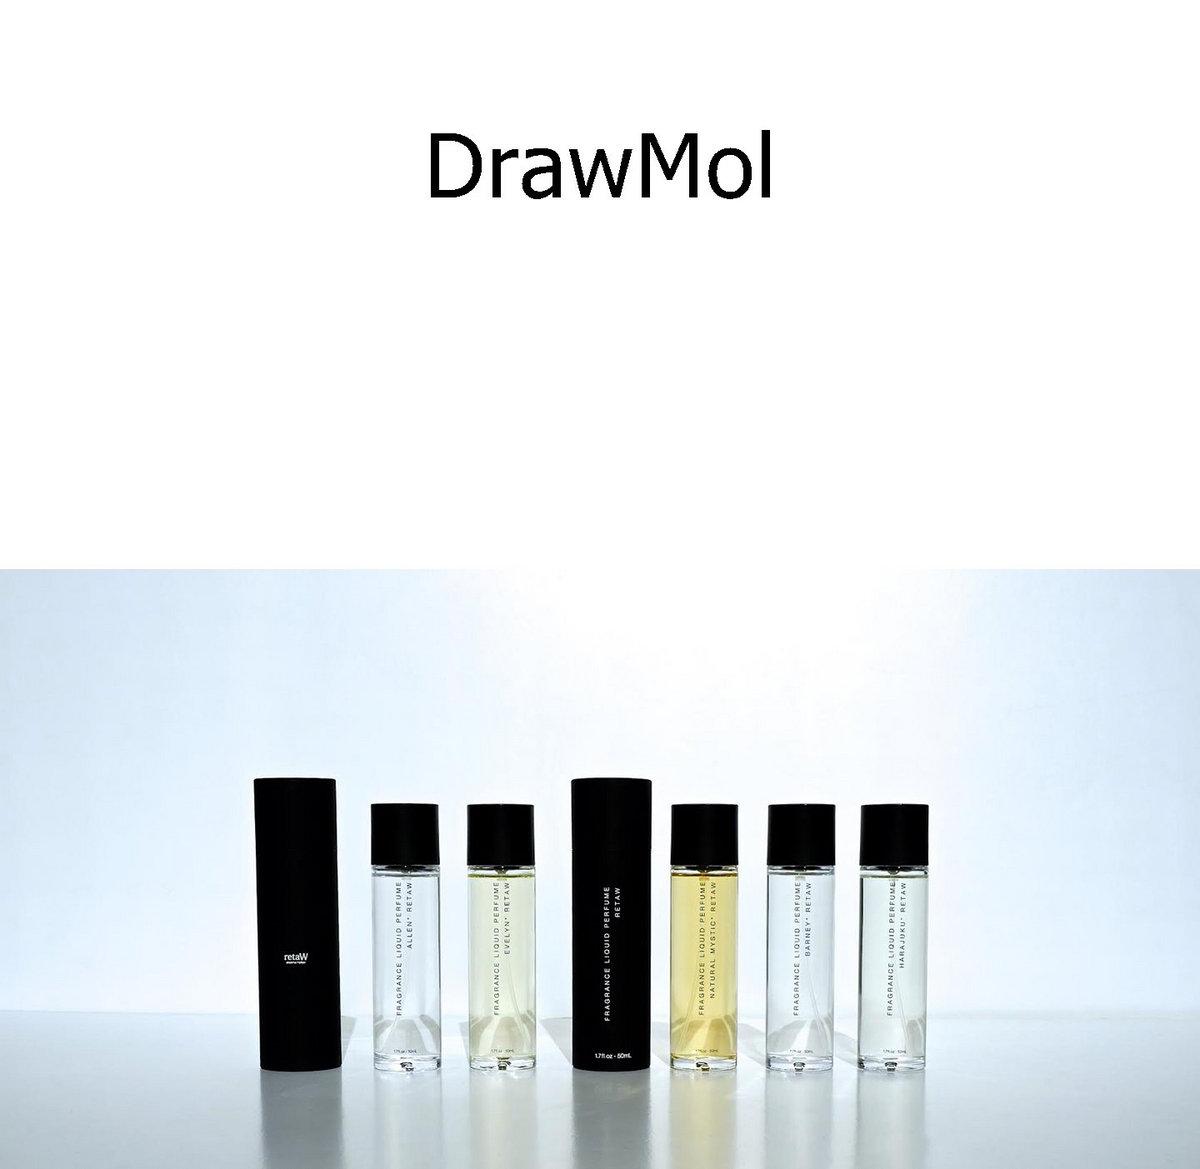 DrawMol